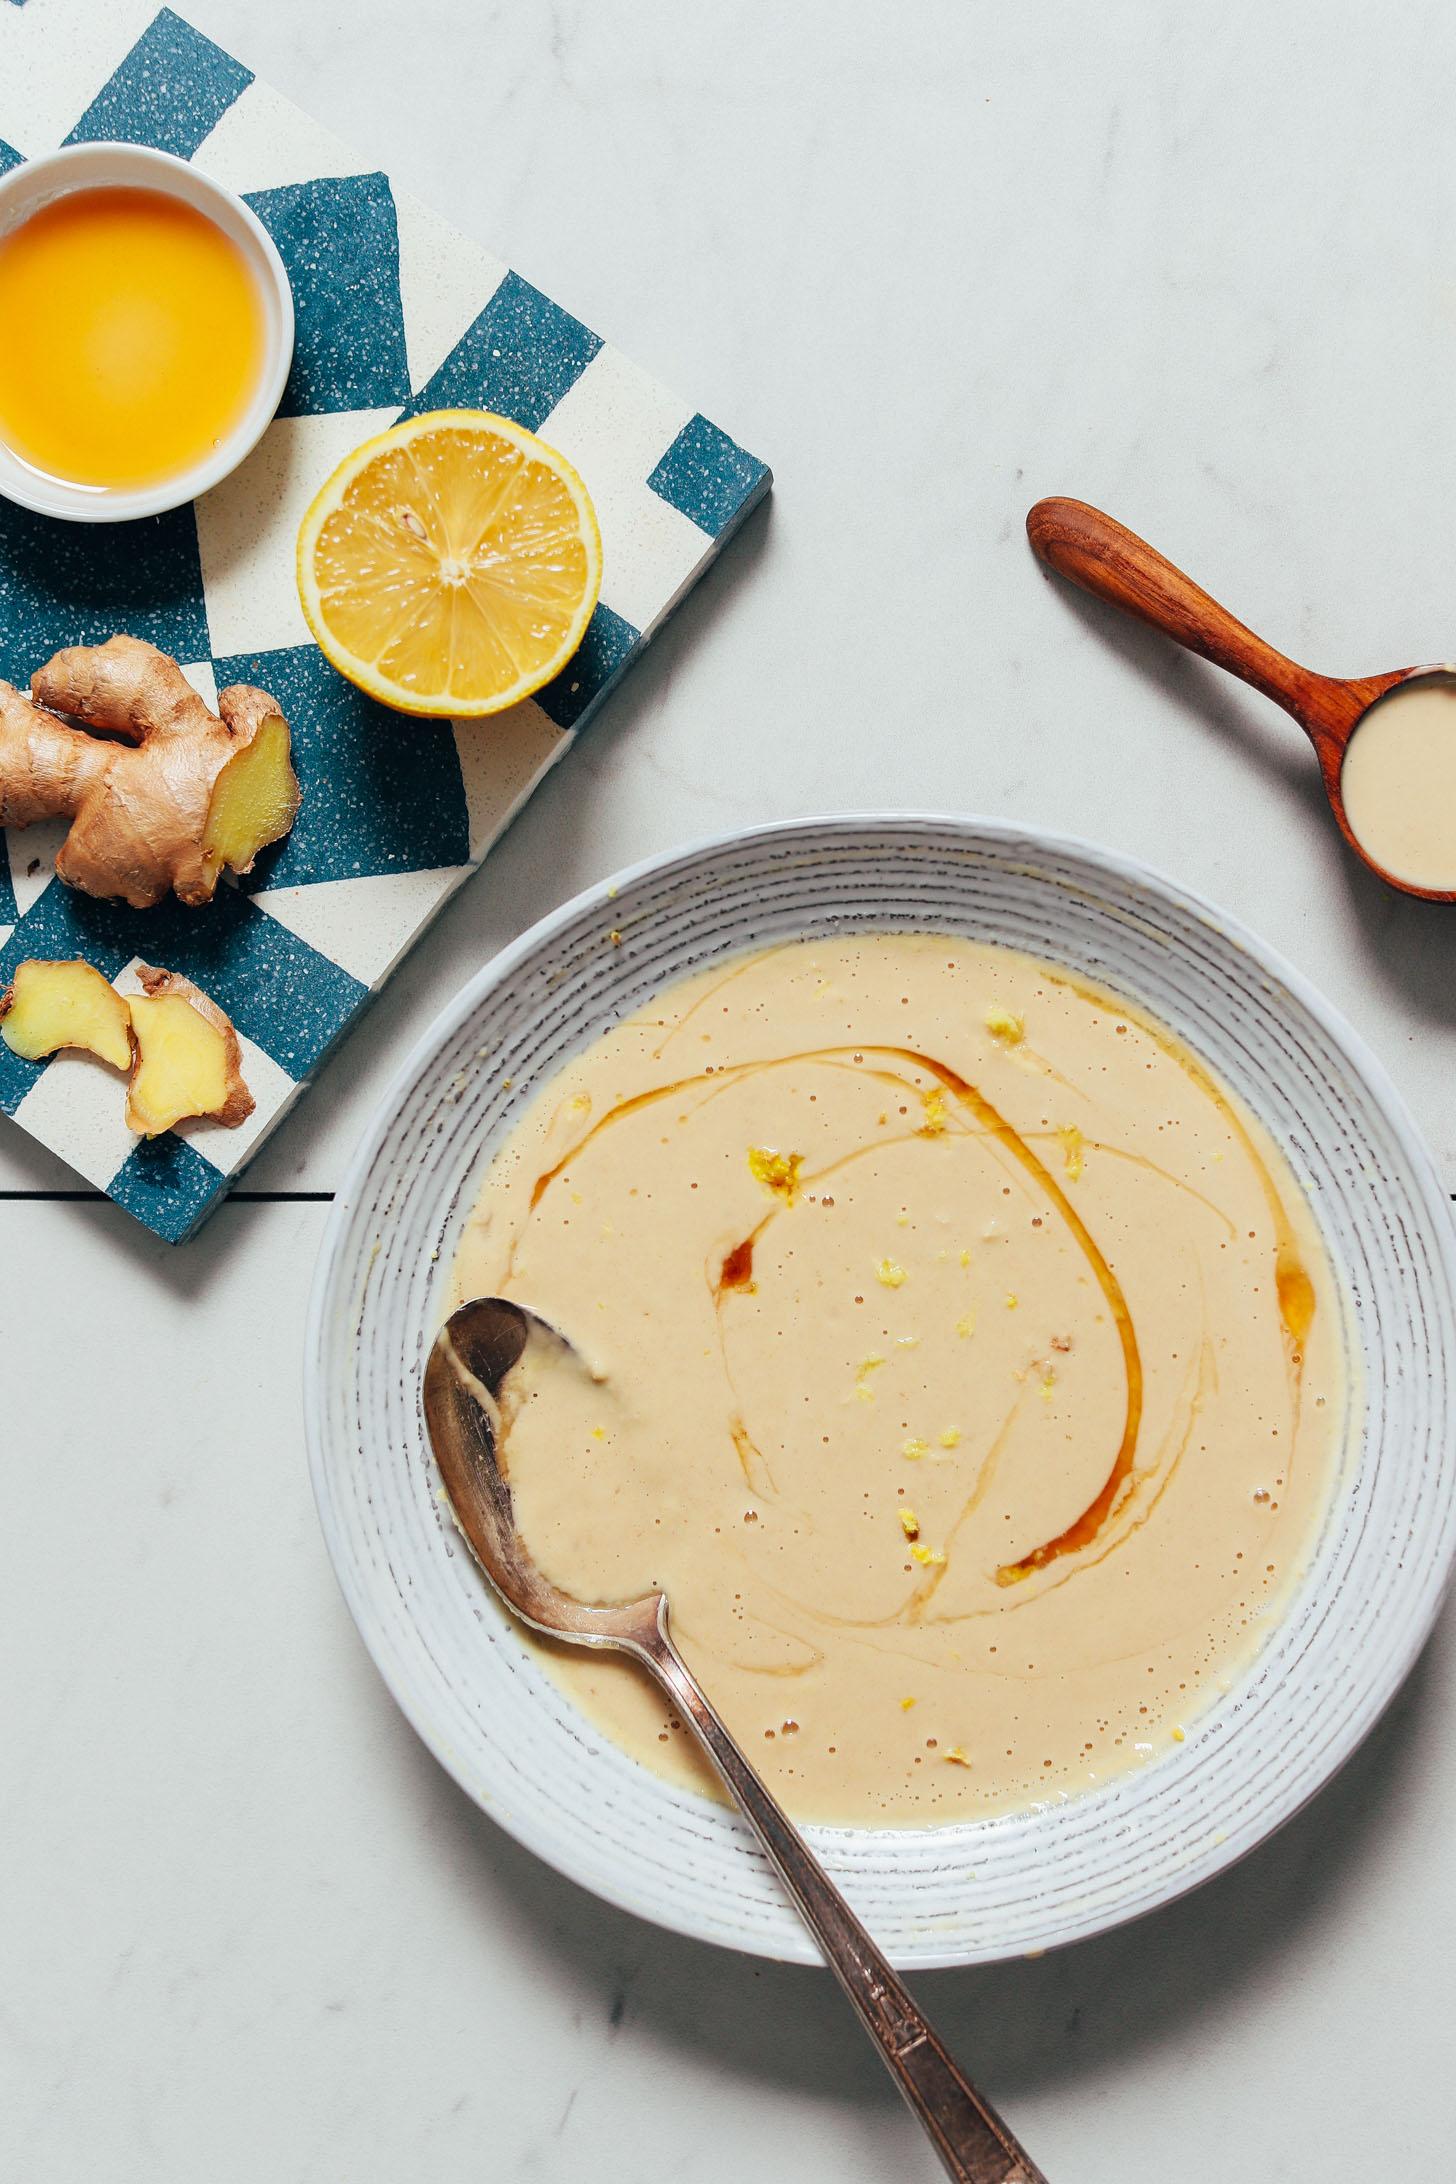 Mitad de limón, jengibre en rodajas, jarabe de arce y tahini junto a un plato de nuestra receta de salsa de jengibre y tahini de limón